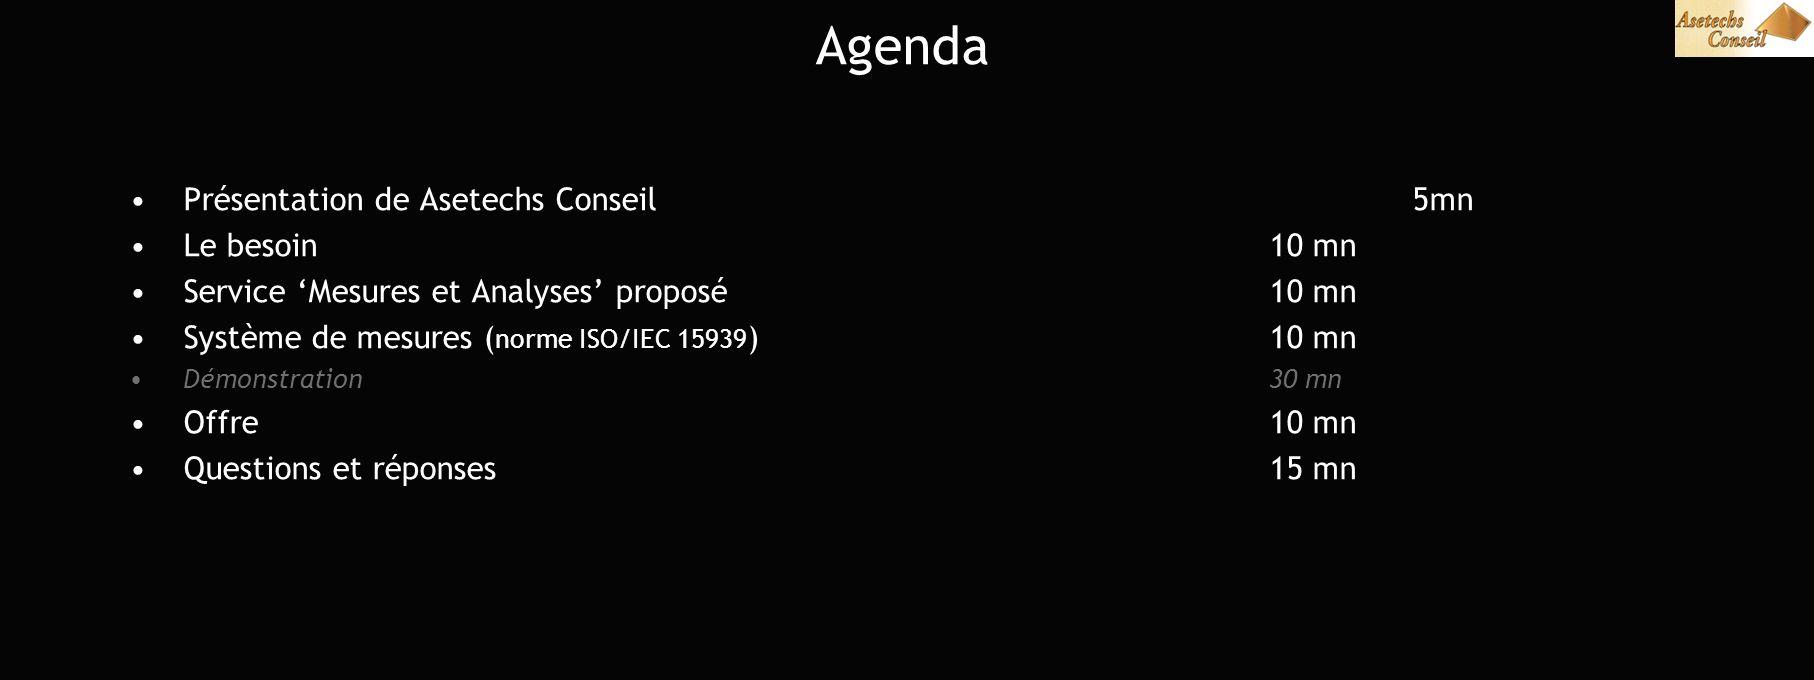 Agenda Présentation de Asetechs Conseil5mn Le besoin 10 mn Service Mesures et Analyses proposé10 mn Système de mesures ( norme ISO/IEC 15939 )10 mn Dé